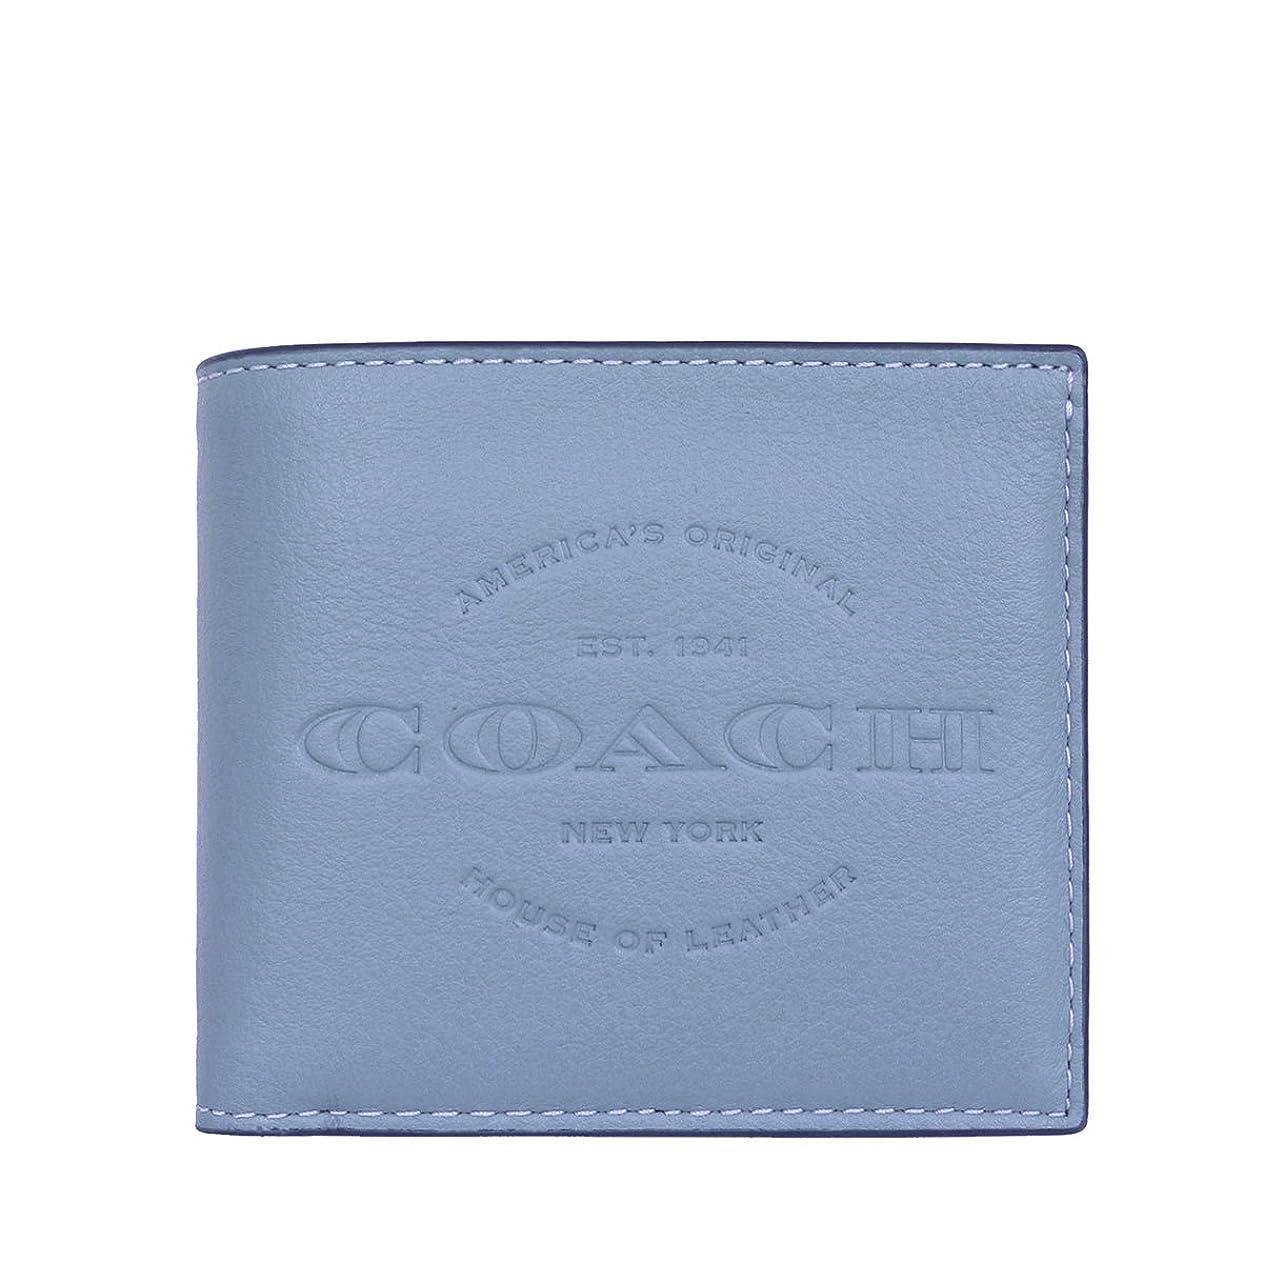 めまい農夫業界[コーチ] COACH 財布 (二つ折り財布) F24647 レザー 二つ折り財布 メンズ レディース [アウトレット品] [並行輸入品]